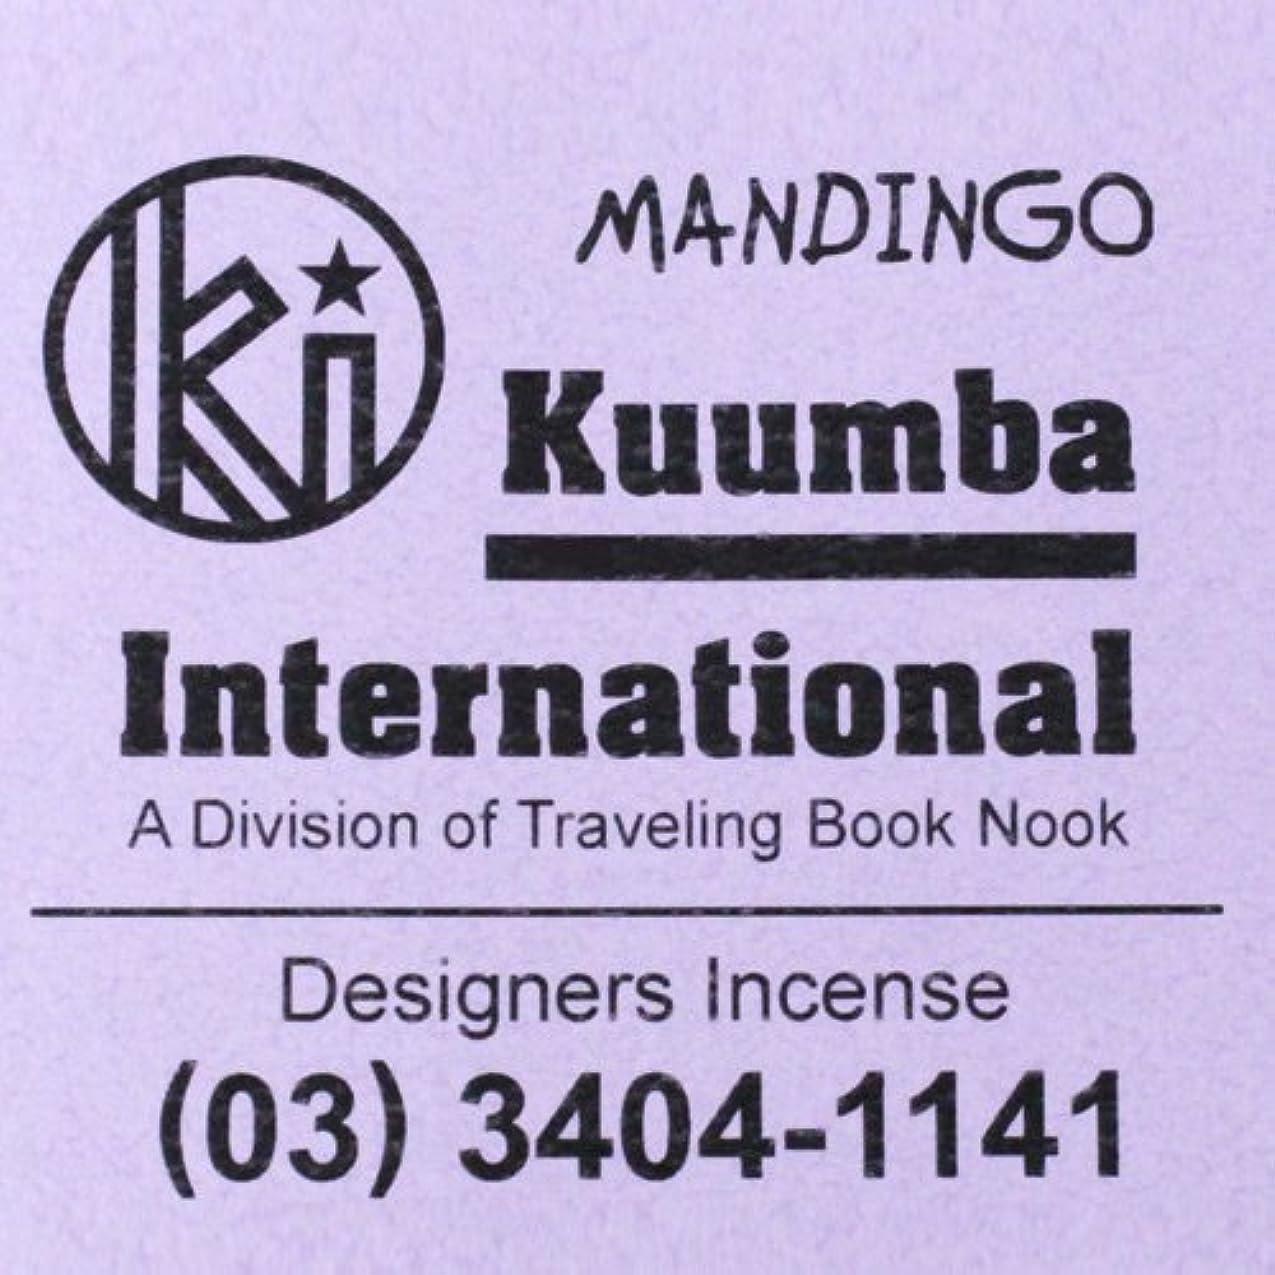 高速道路牛布(クンバ) KUUMBA『incense』(MANDINGO) (Regular size)